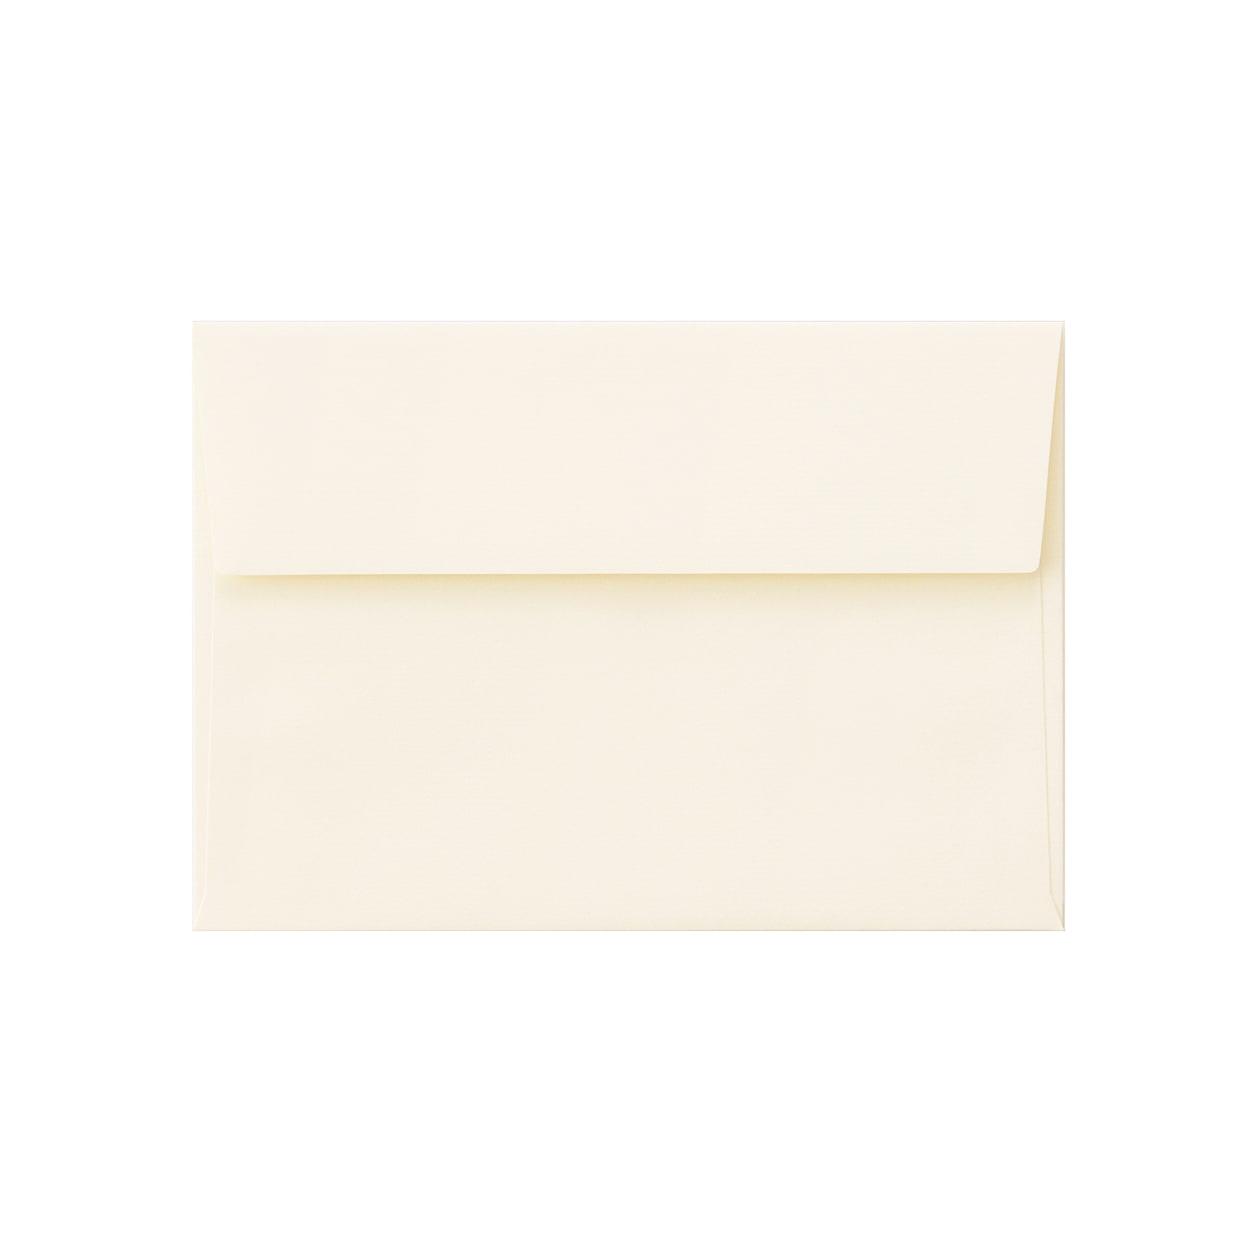 洋2カマス封筒 コットンレイド ナチュラル 116.3g